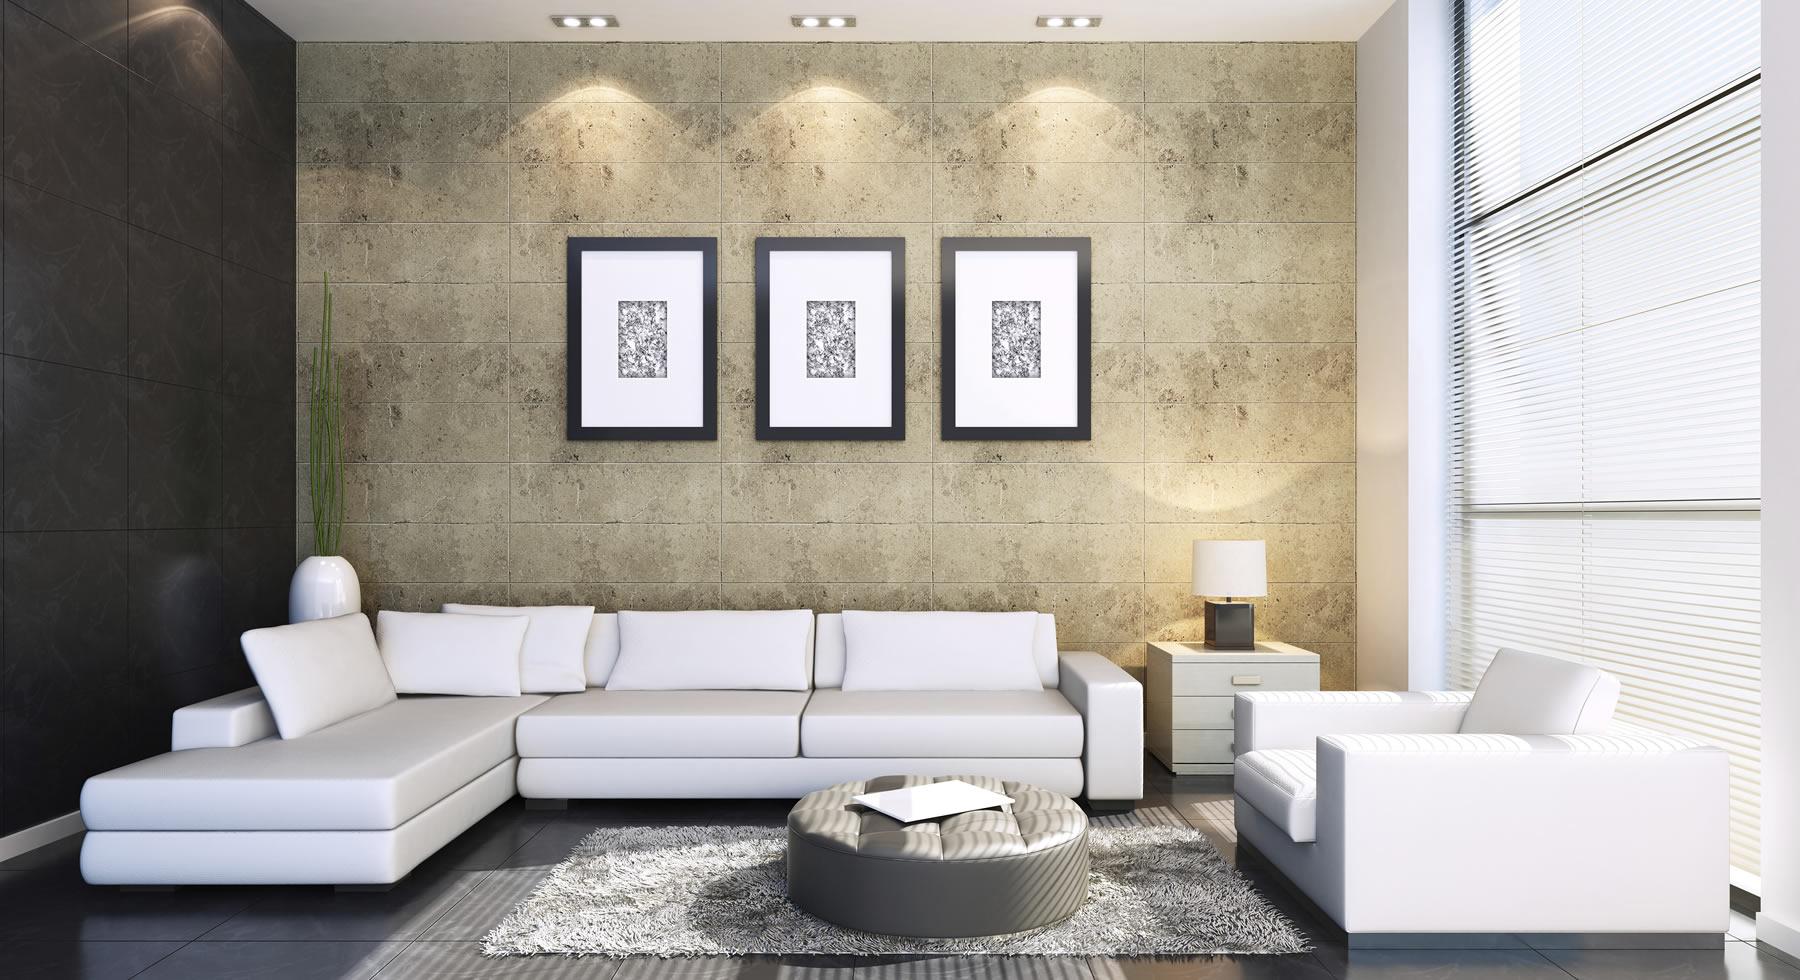 Wohnzimmer Renovierung